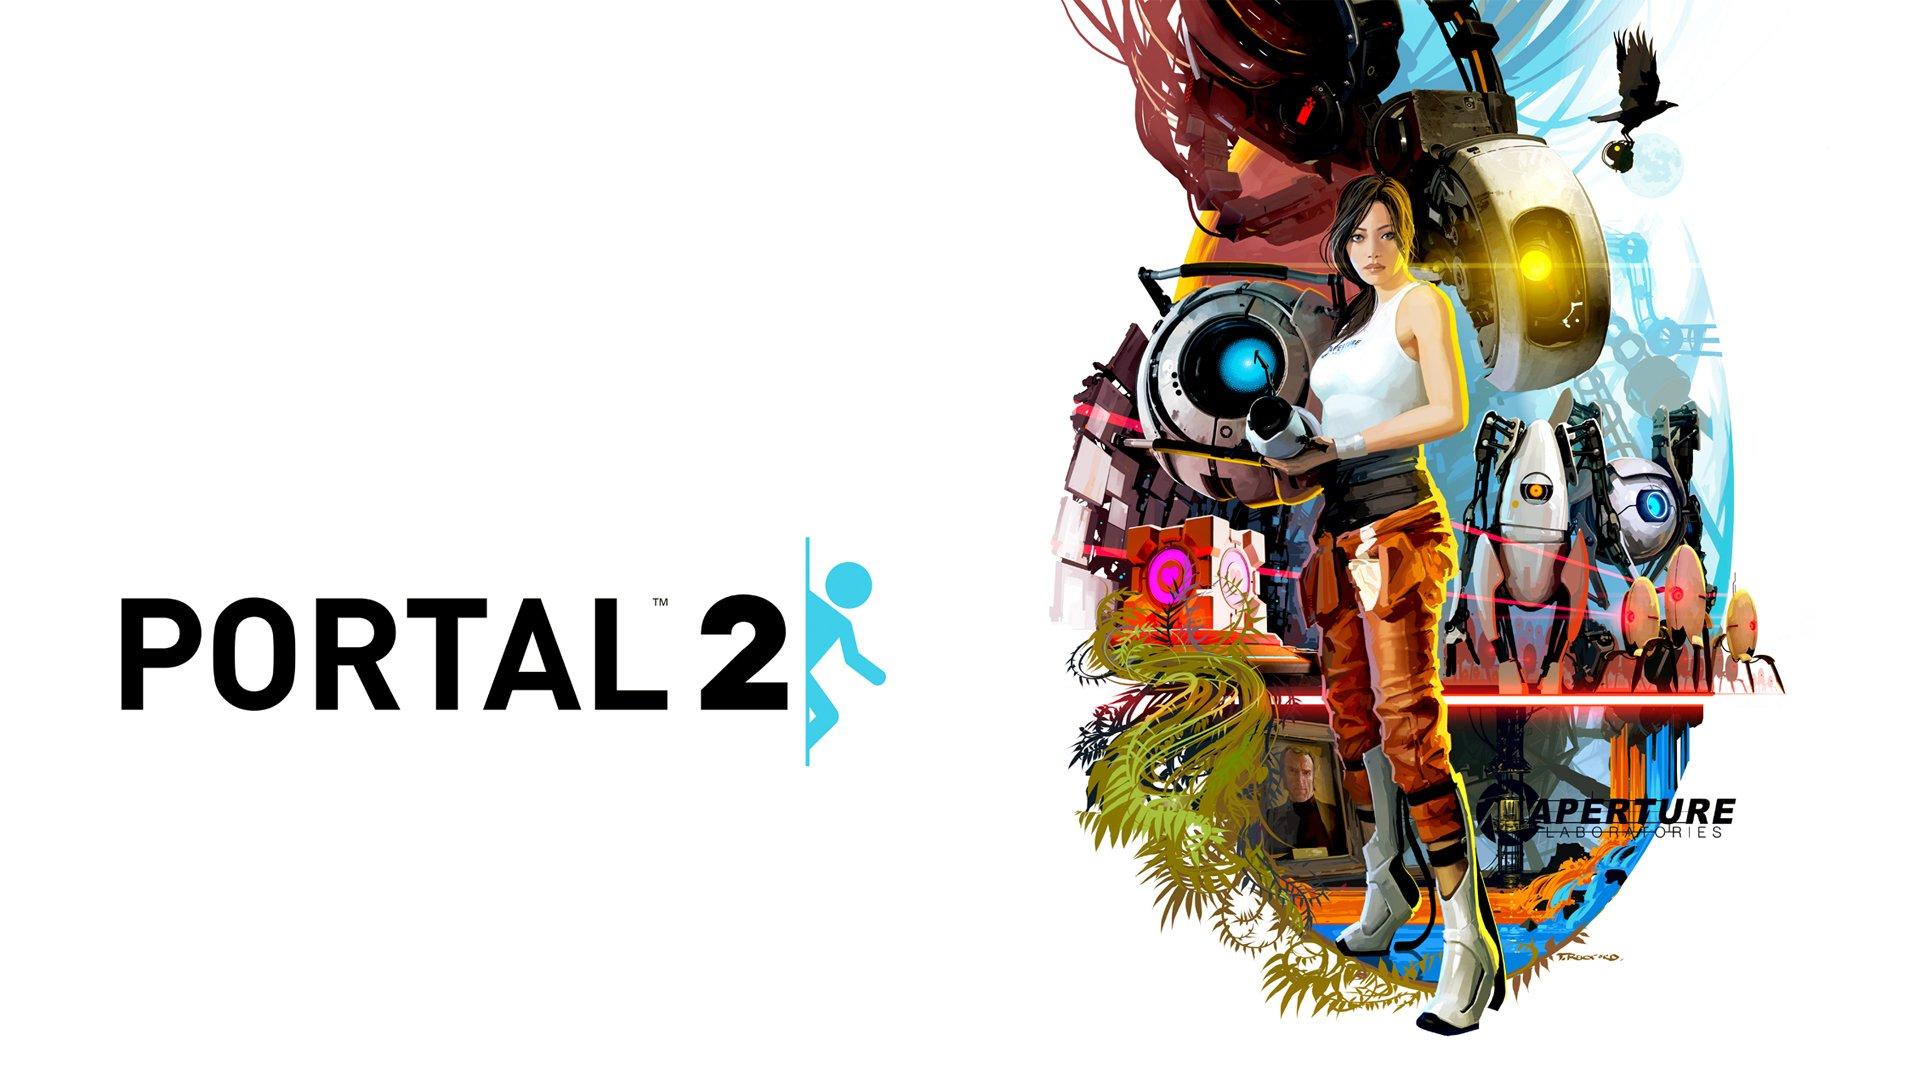 скачать игру портал 2 через торрент бесплатно на компьютер на русском - фото 11